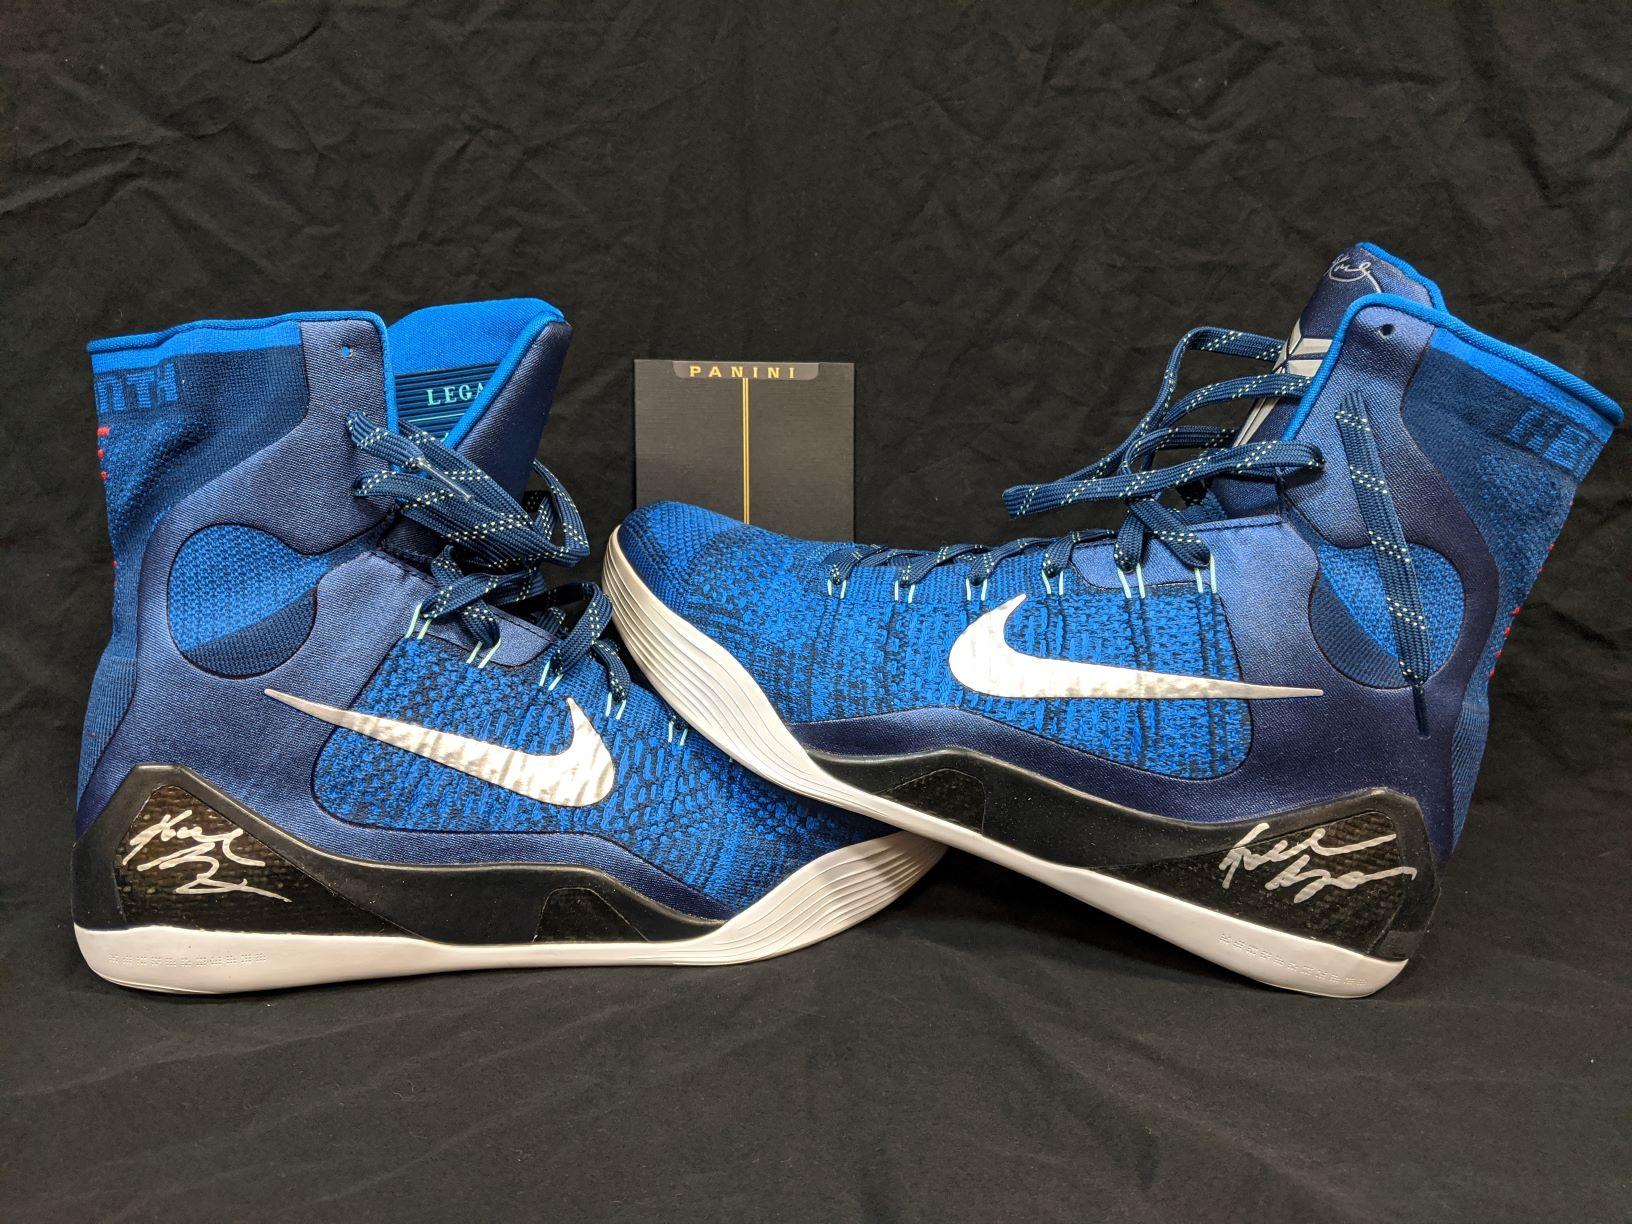 Kobe Bryant Autographed Nike IX Elite Legacy Shoes